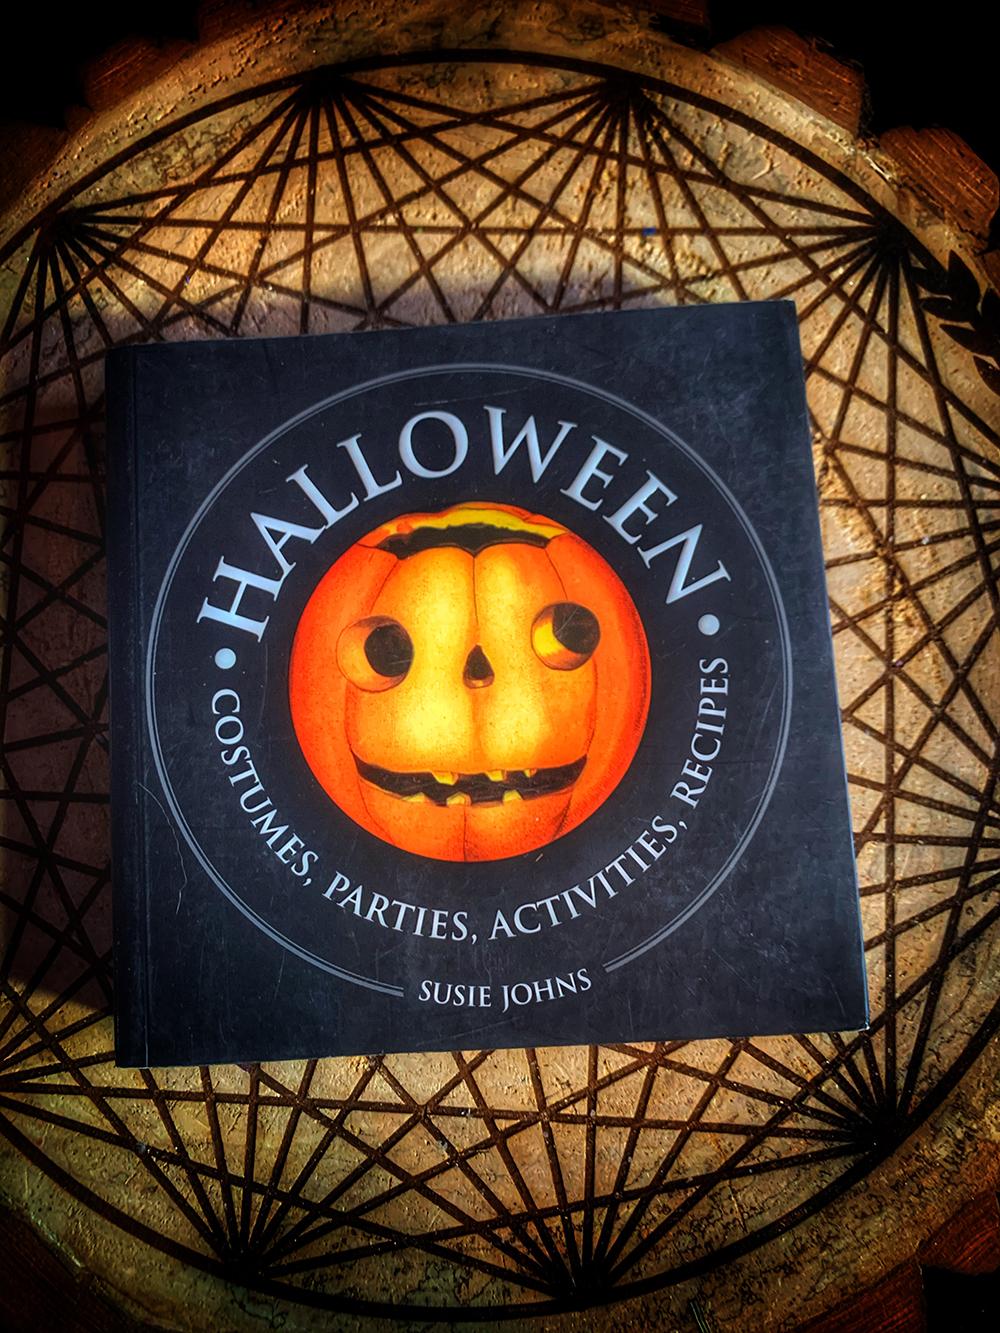 Halloween: Costume, Parties, Activities, Recipes